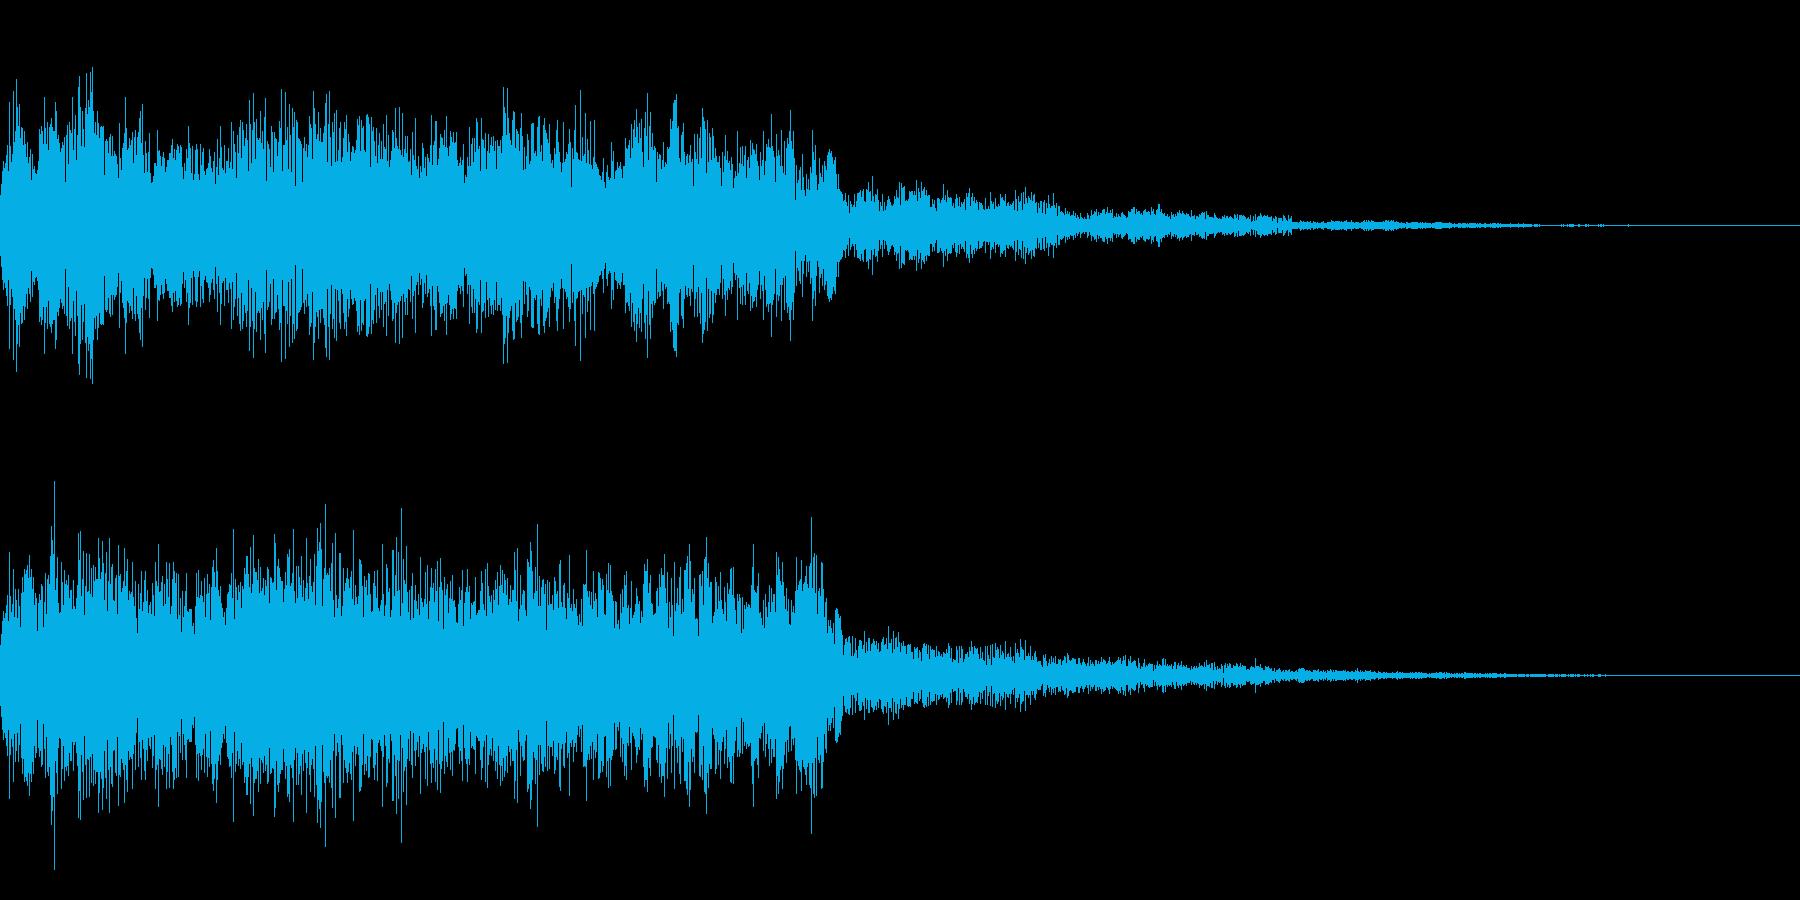 レトロなゲームオーバー音 残念 不正解の再生済みの波形